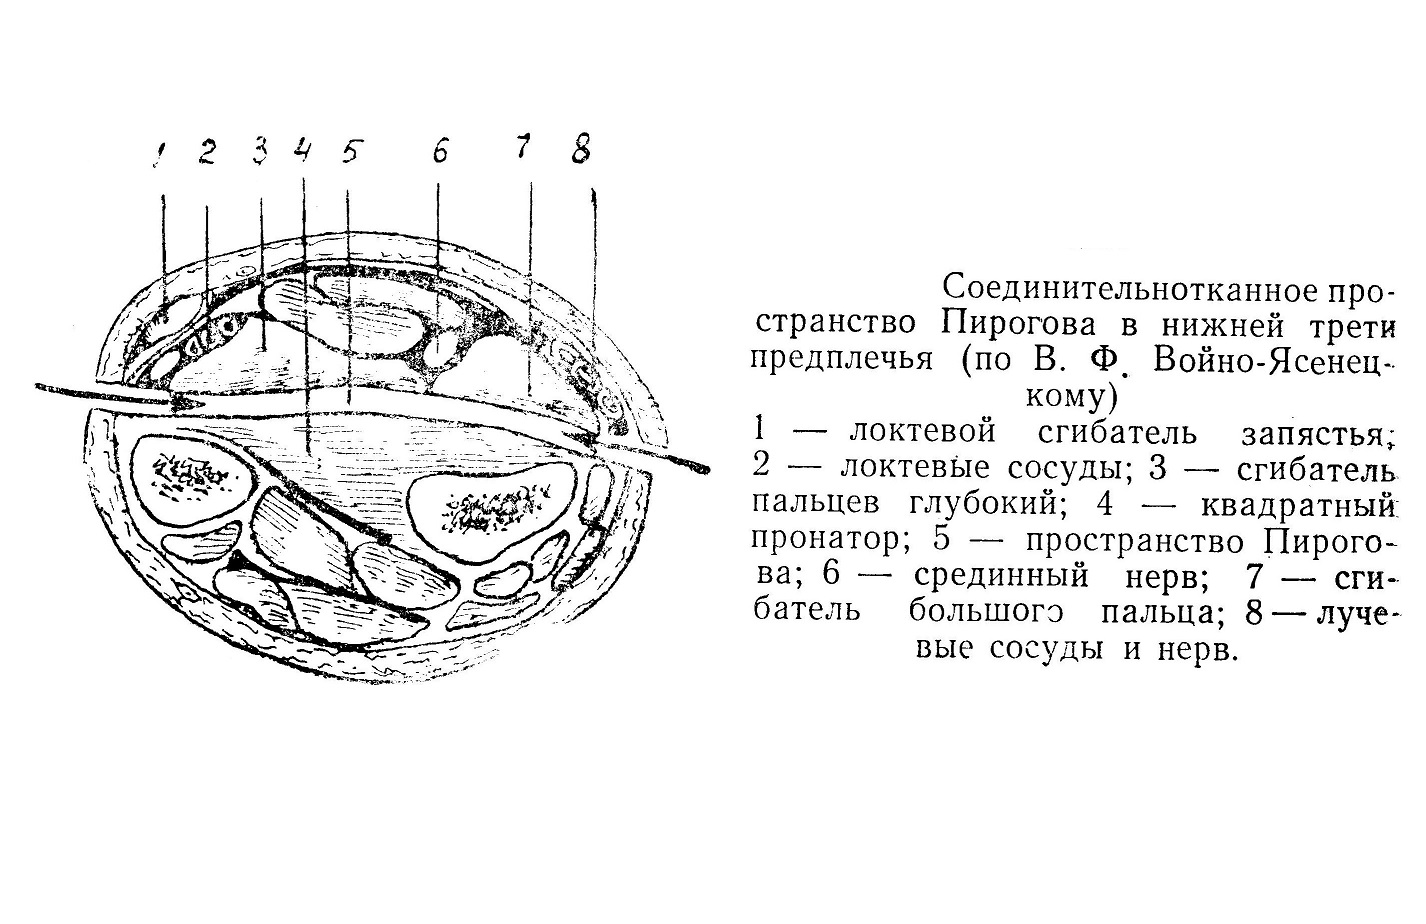 Соединительнотканное пространство Пирогова в нижней трети предплечья